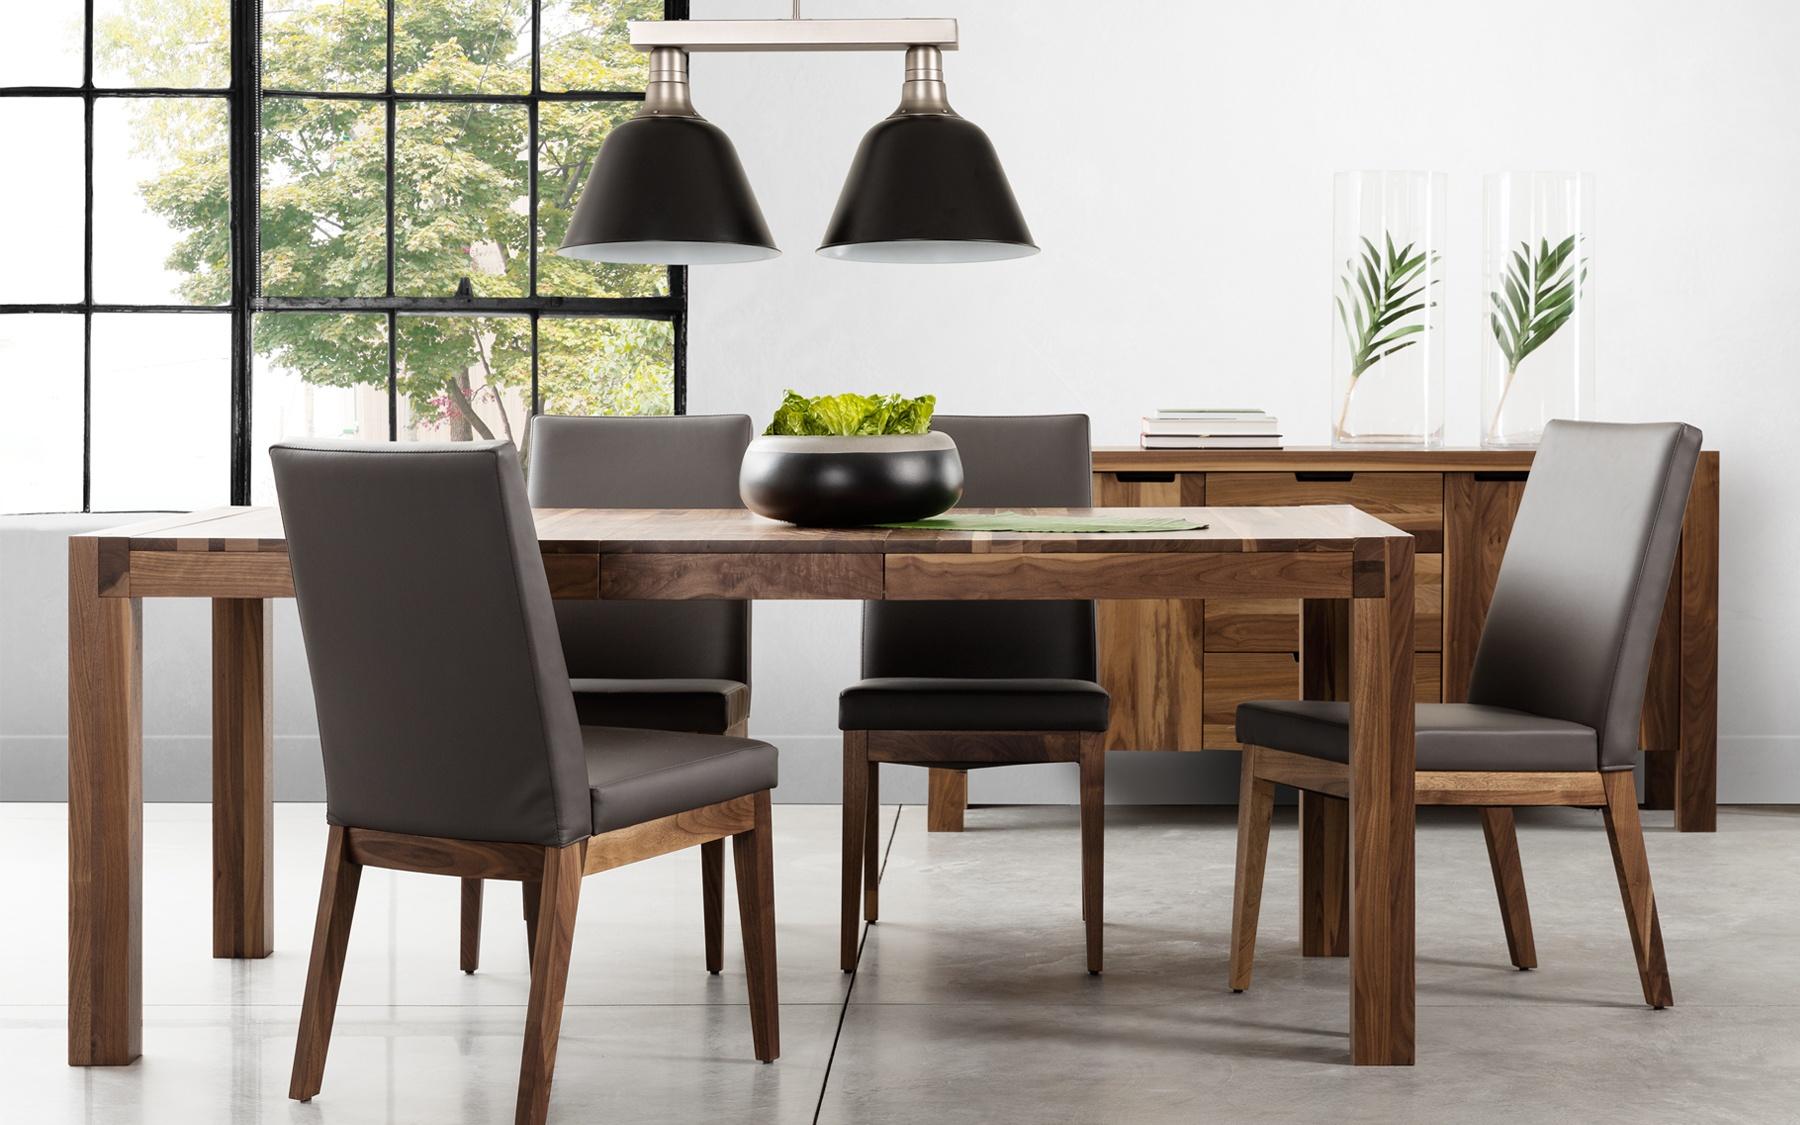 Chaise cl581 chaises salles manger la galerie du for La galerie du meuble contemporain